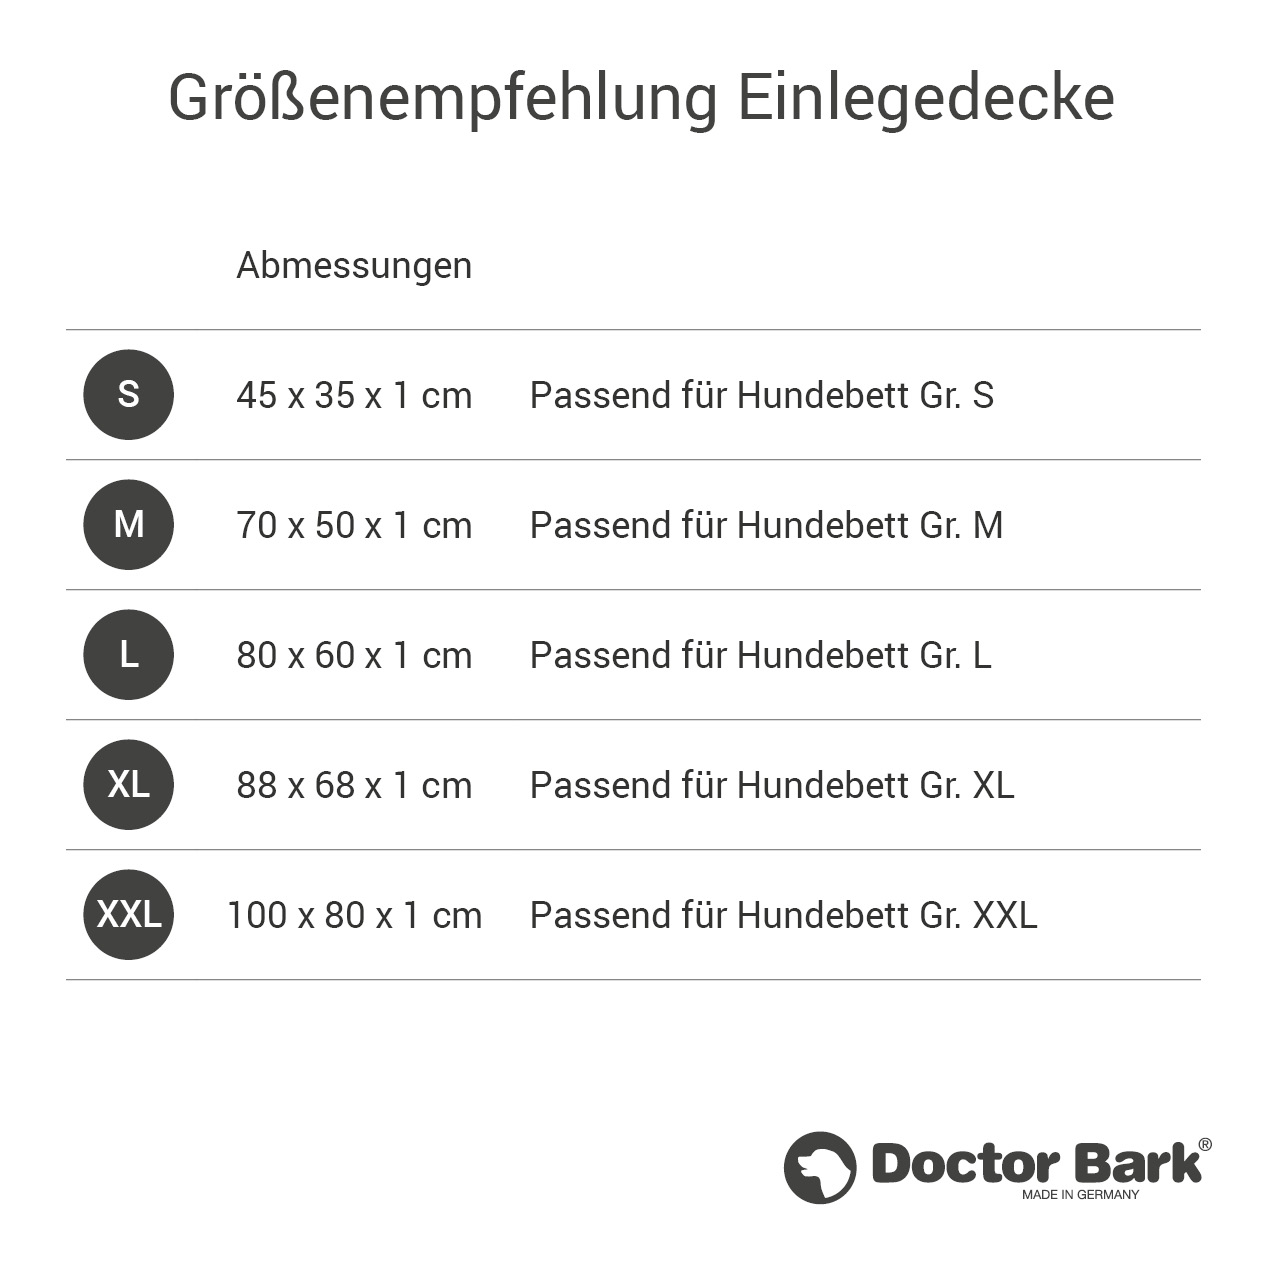 gepolsterte Einlegedecke für Doctor Bark Hundebett Gr. XL - braun